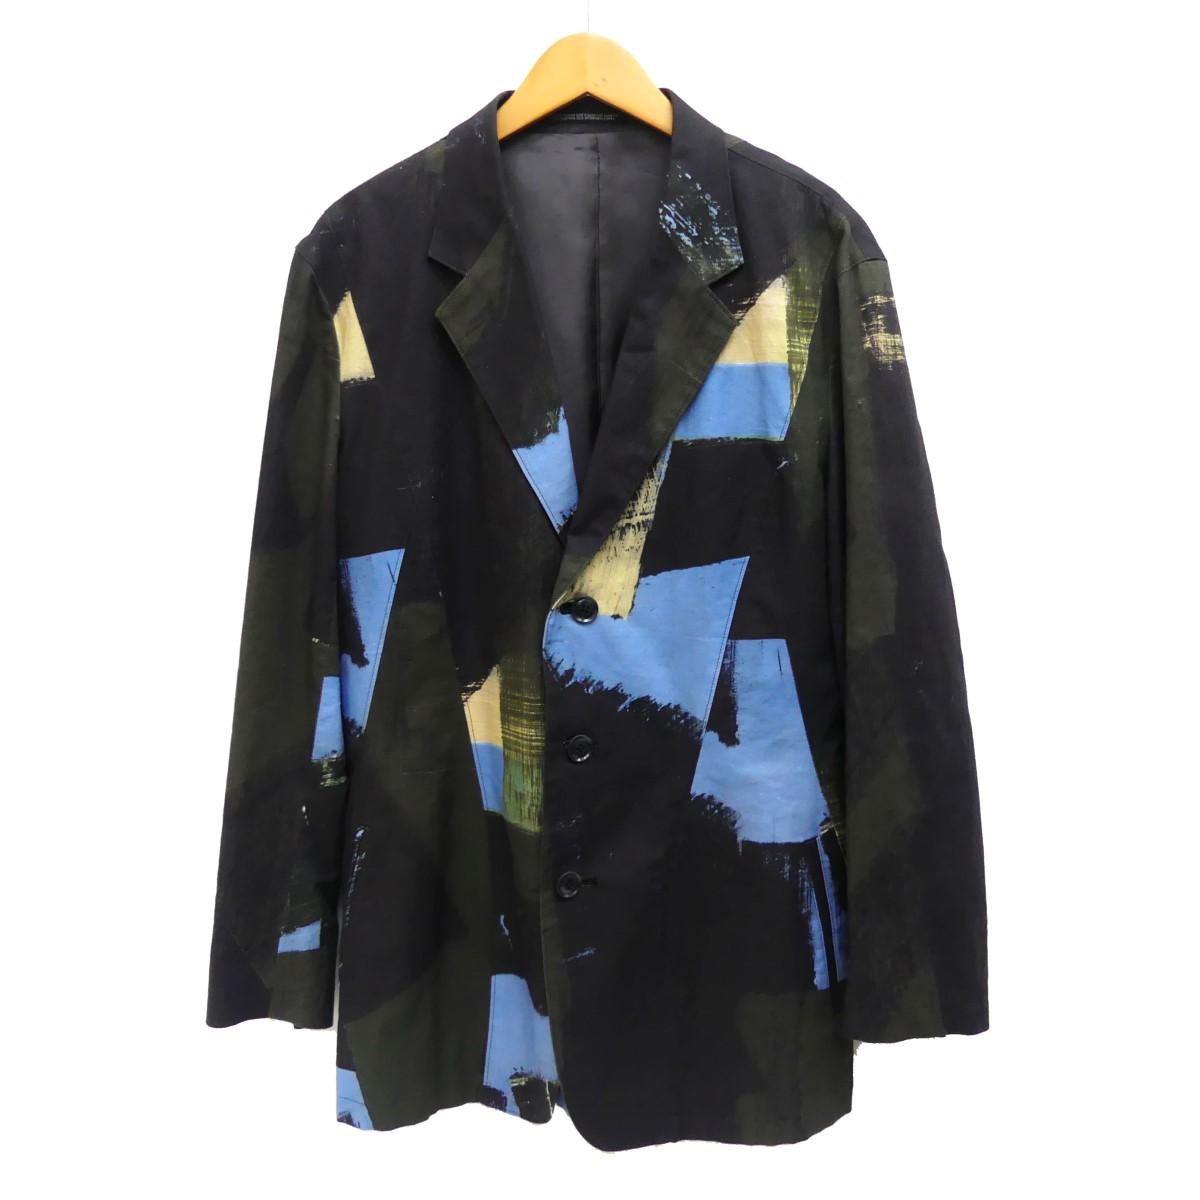 【中古】YOHJI YAMAMOTO 16SS 朝倉優佳ペイントジャケット カーキ×ブルー サイズ:2 【140420】(ヨウジヤマモト)